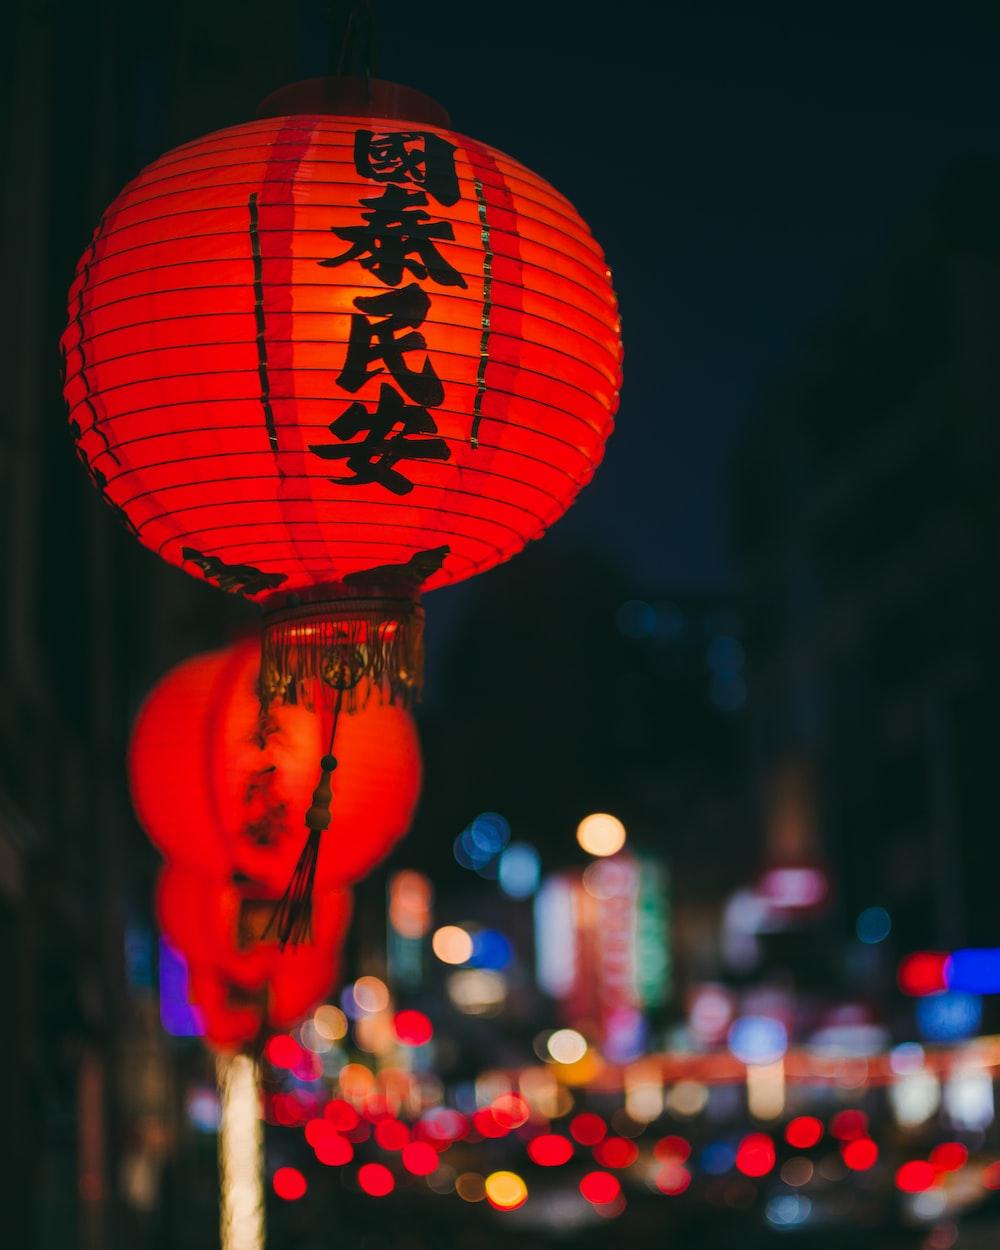 red chinese lantern during night time